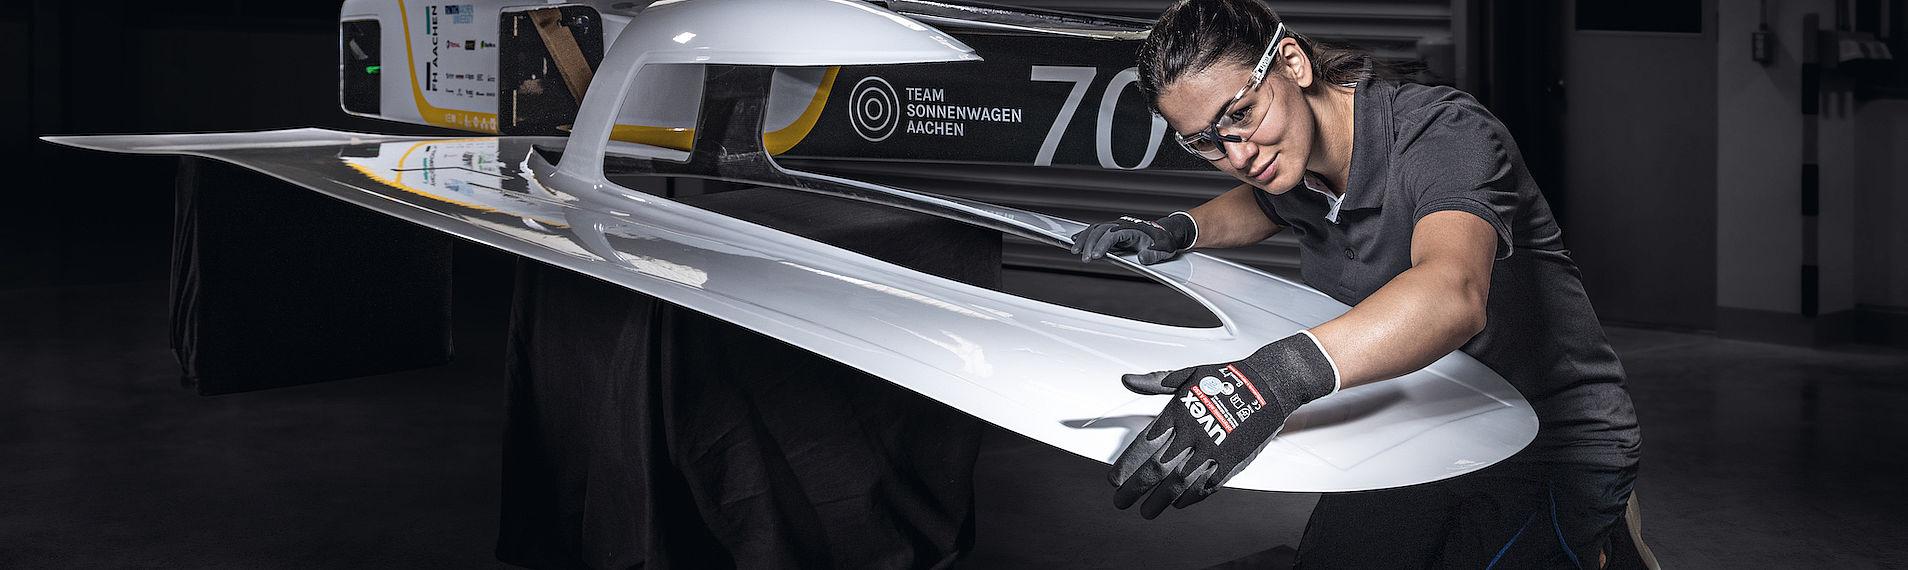 Kobieta w okularach i rękawicach ochronnych kontroluje jakość wykonania powłoki lakierniczej